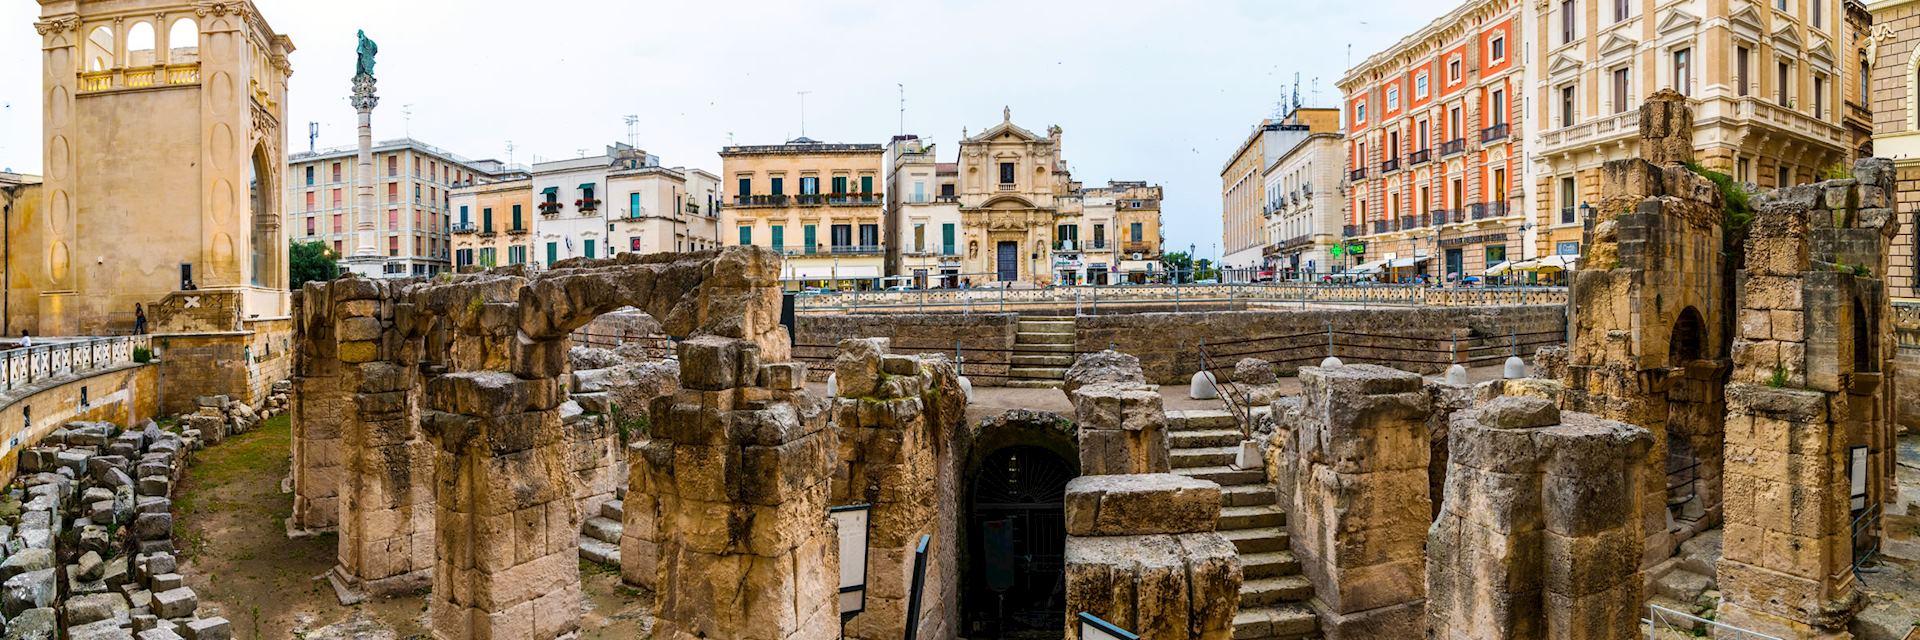 Roman amphitheatre in Lecce